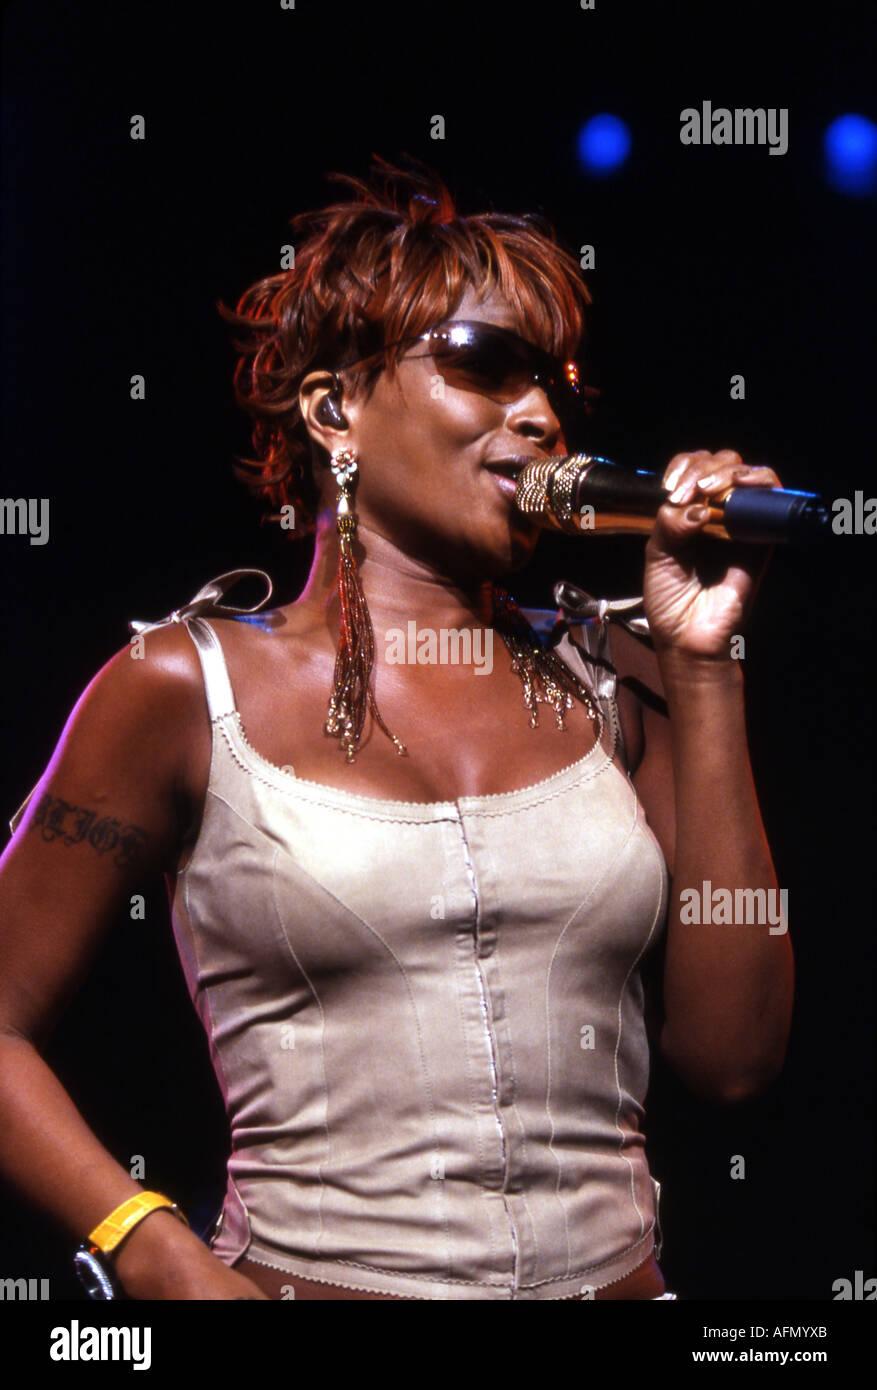 MARY J BLIGE US singer - Stock Image